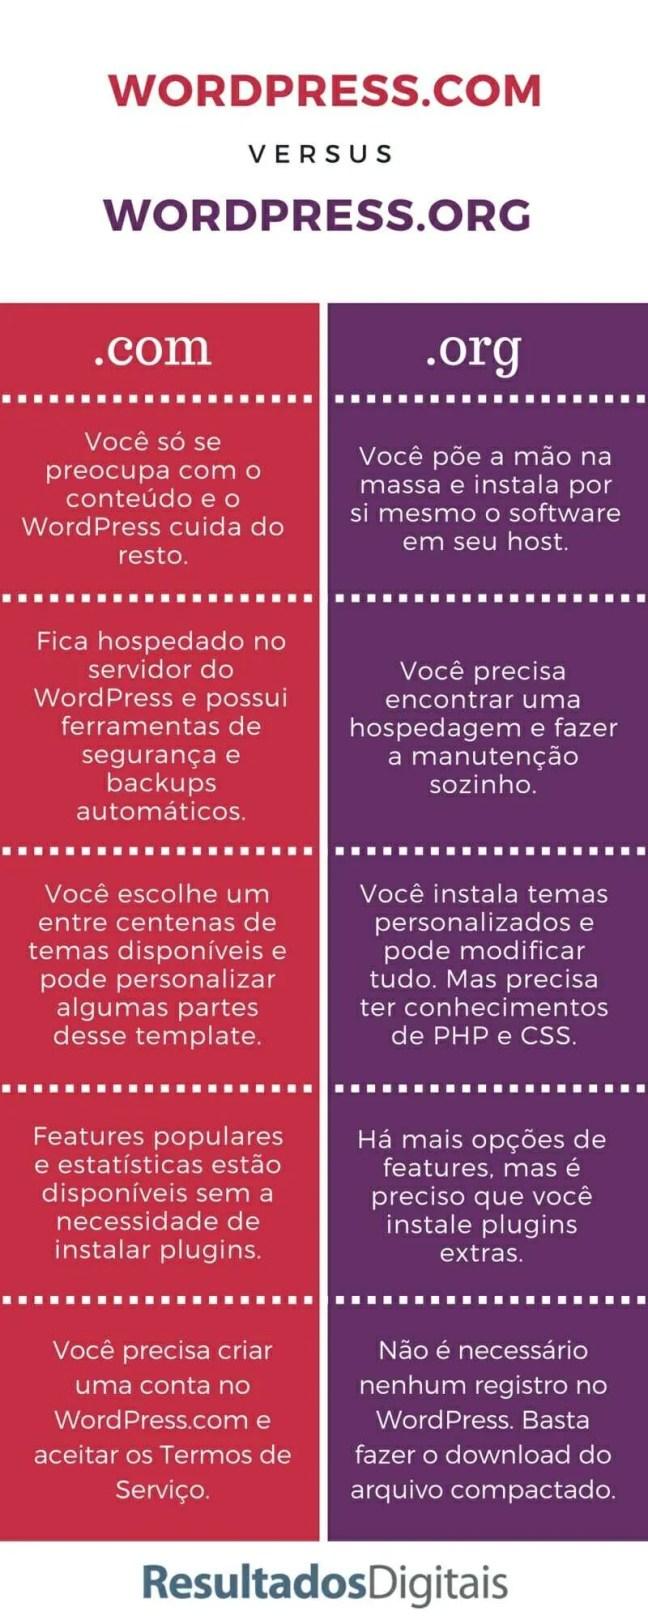 Como Criar um Blog Como Criar um Blog WordPress Criar um Blog WordPress passo a passo